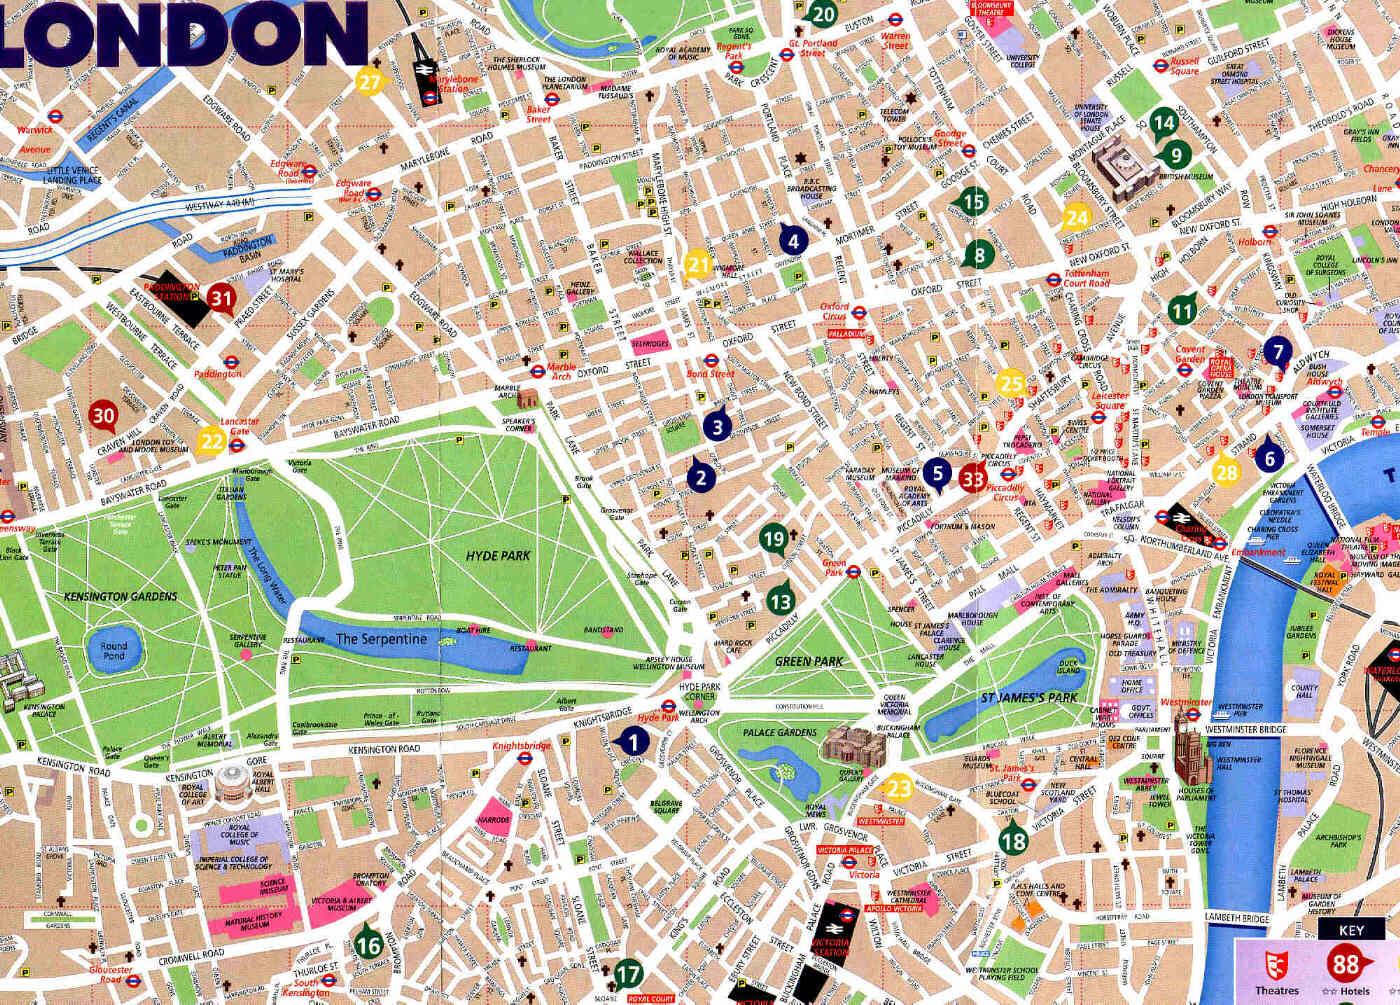 London Street Map Pdf Free Download.Free Download London City Map 9 Cool Hd Wallpaper 1400x1005